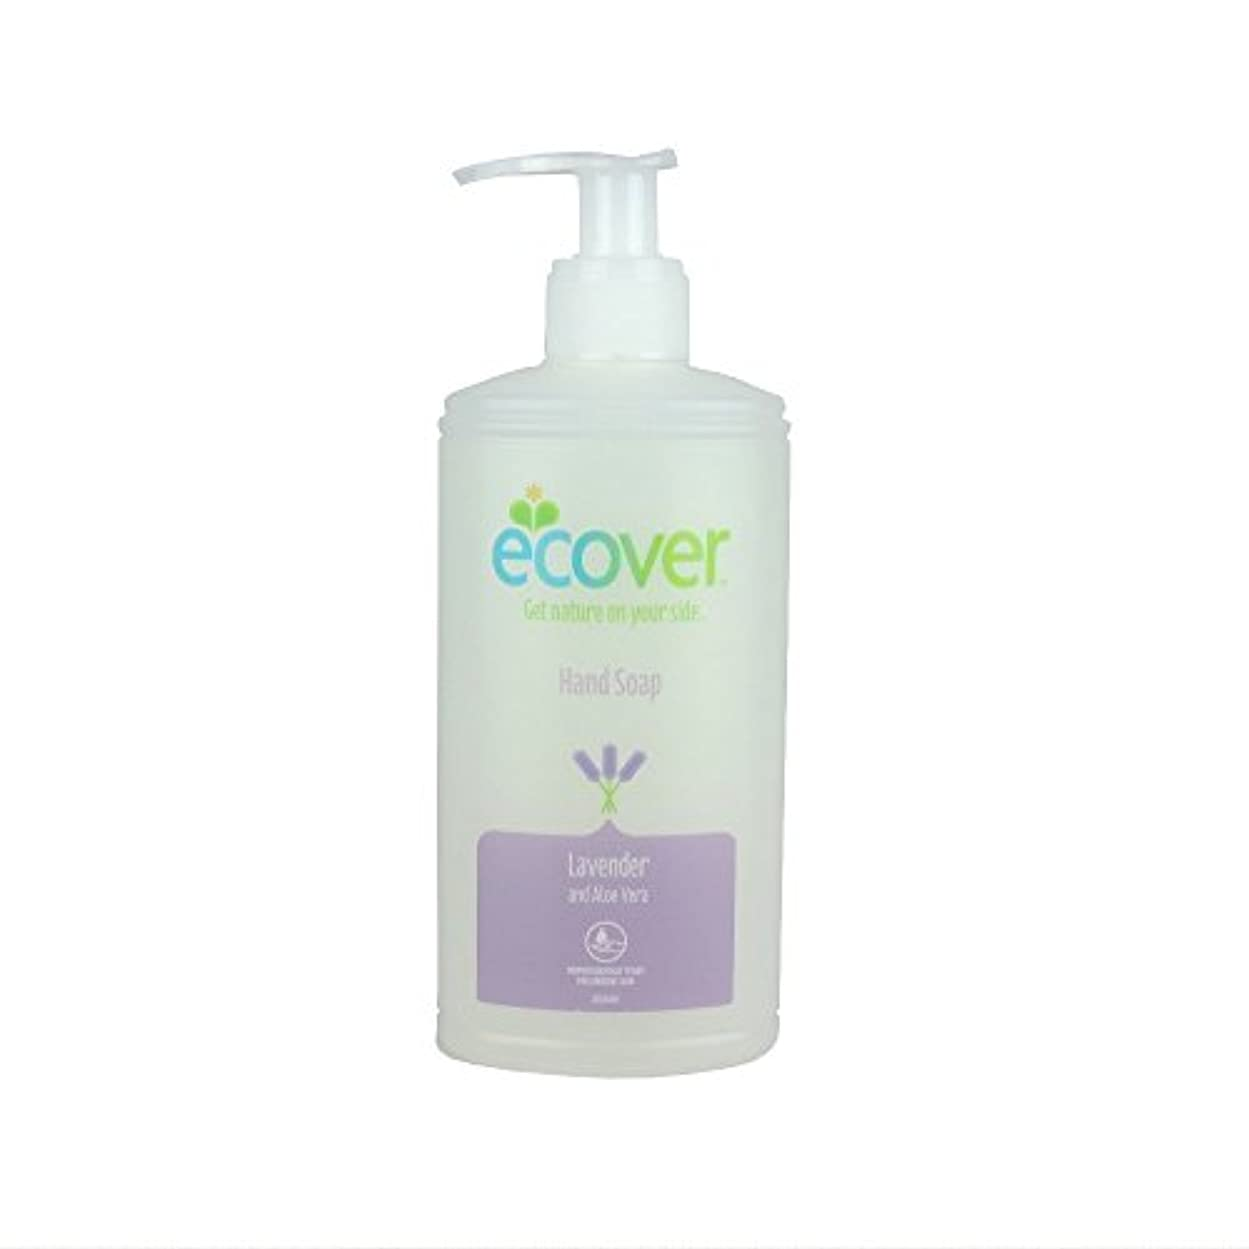 ハイブリッド醸造所適性Ecover Liquid Hand Soap Lavender & Aloe Vera (250ml) 液体ハンドソープラベンダーとアロエベラ( 250ミリリットル)をエコベール